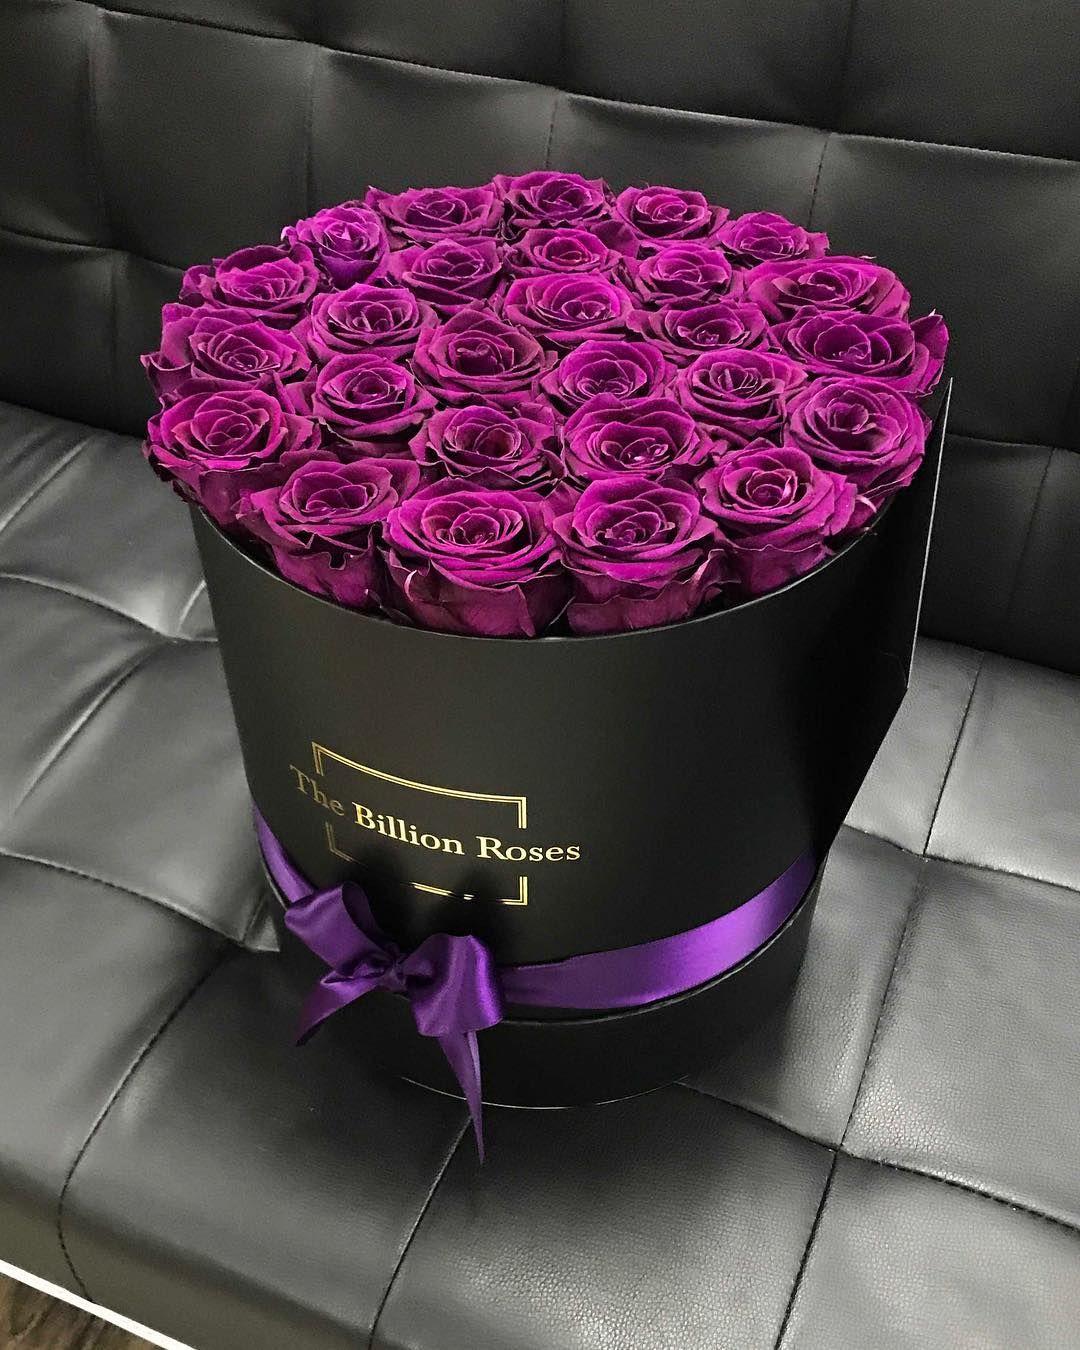 20213792 1856556107994881 598388231091781632 N Jpg 1080 1350 Luxury Flowers Flower Gift Flower Boxes